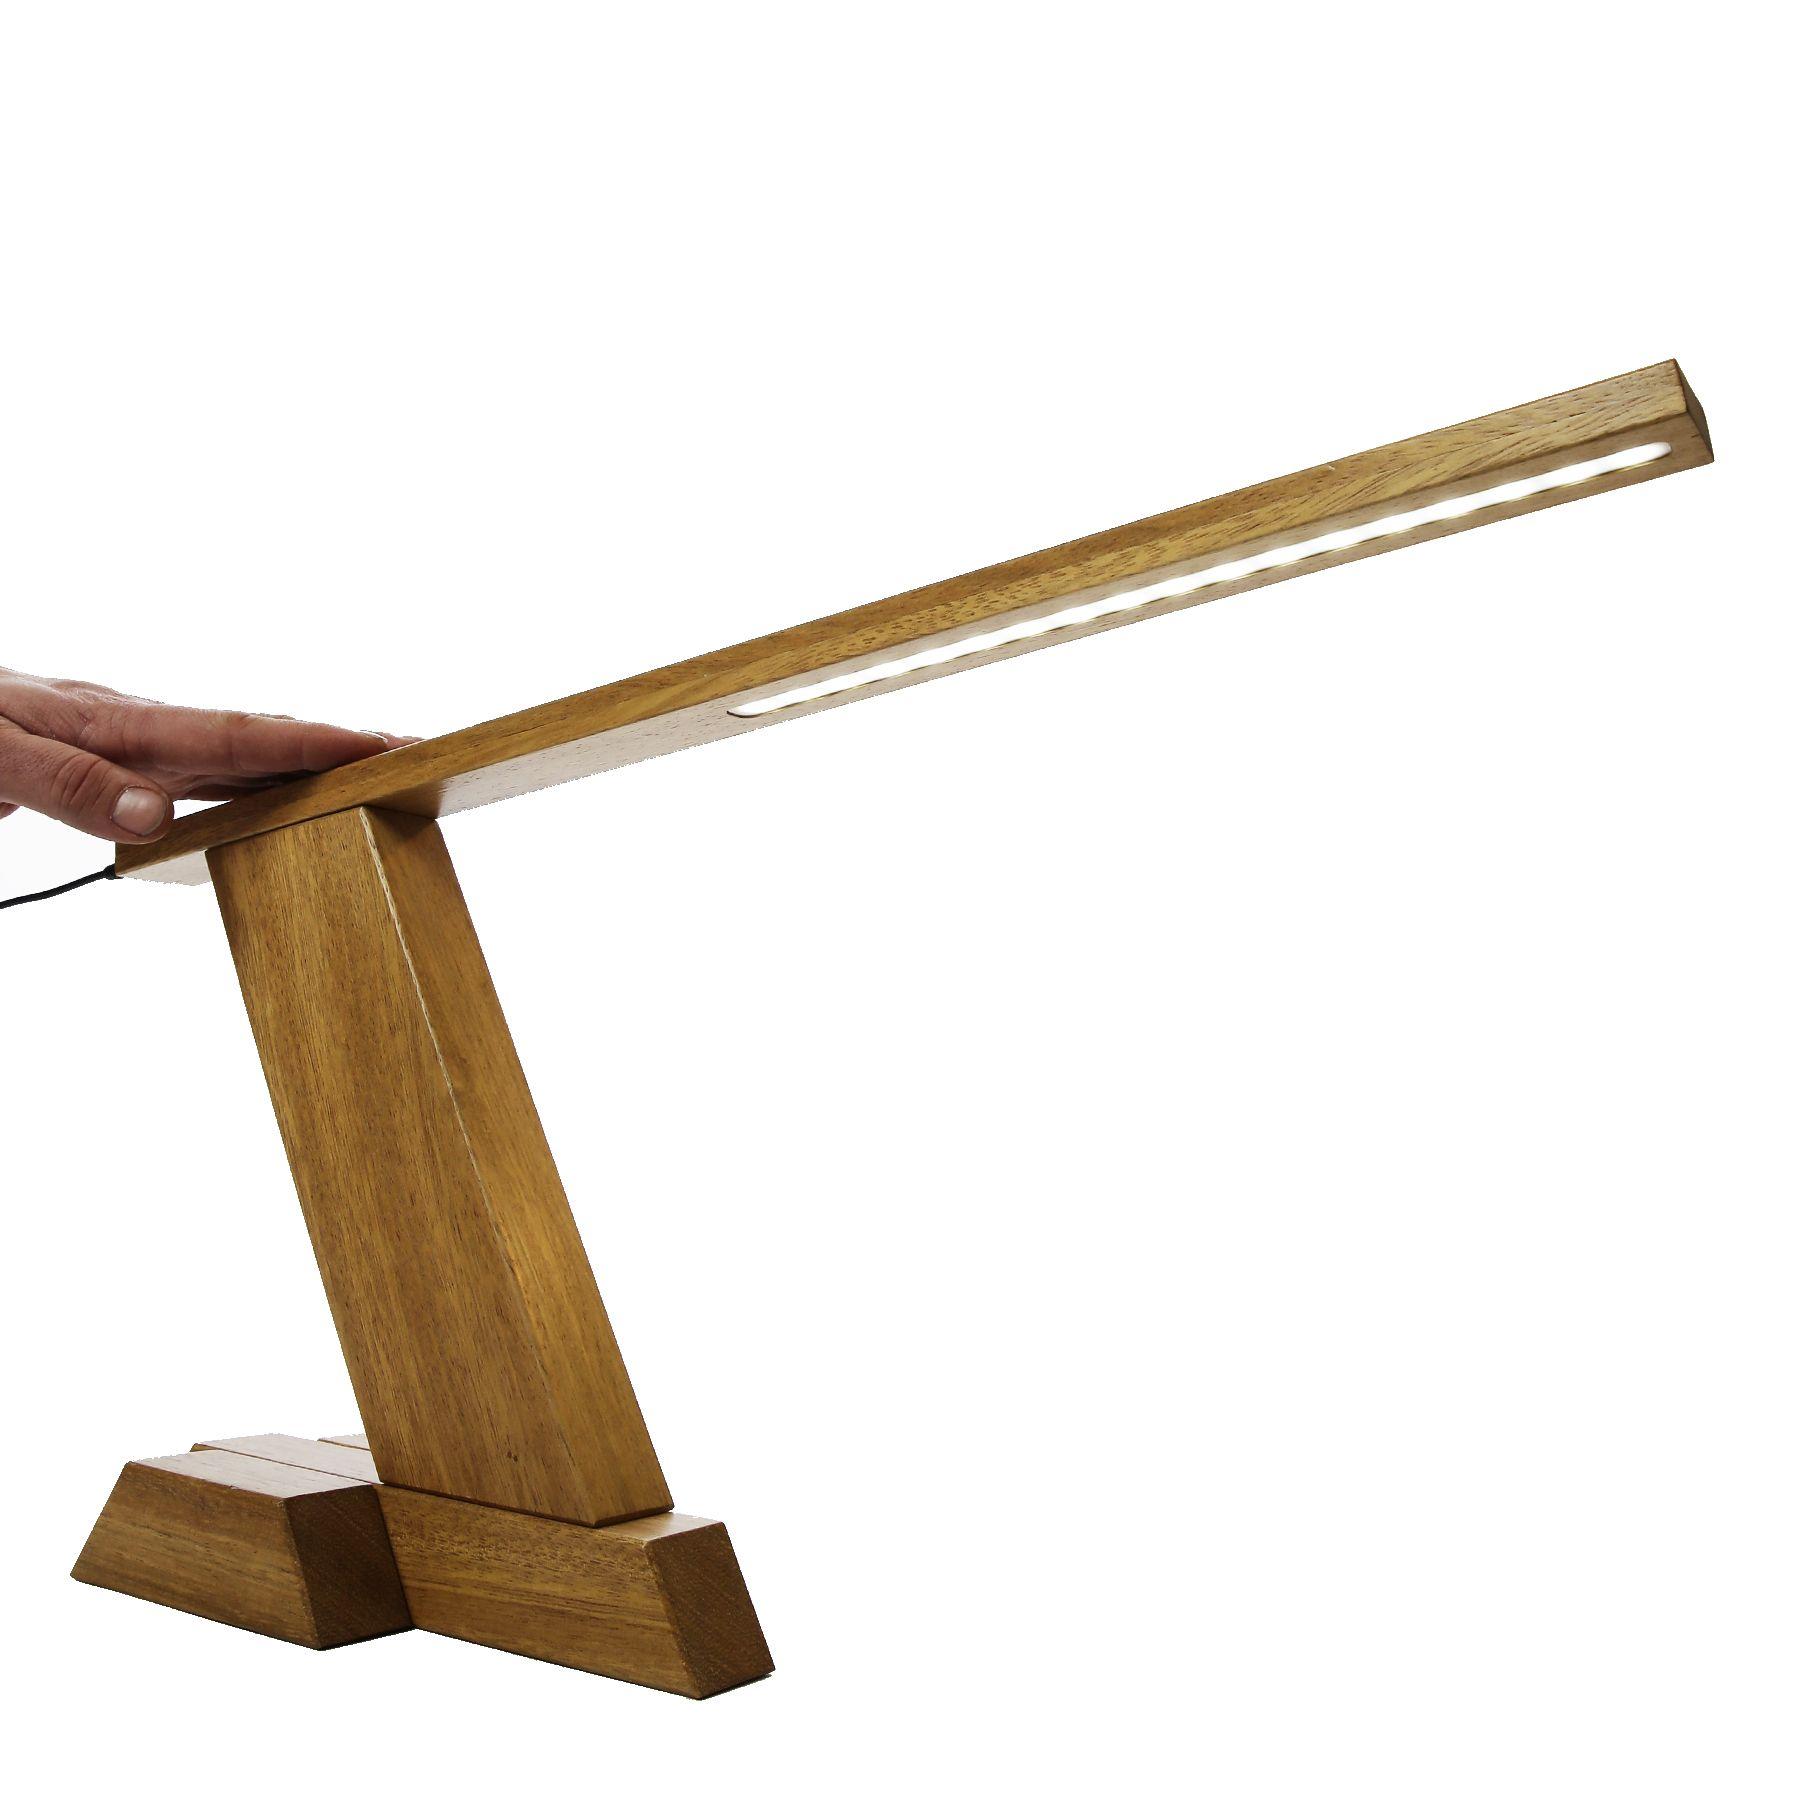 WOOleD Solid Wood DIY LED Desk Lamp Wood desk lamp